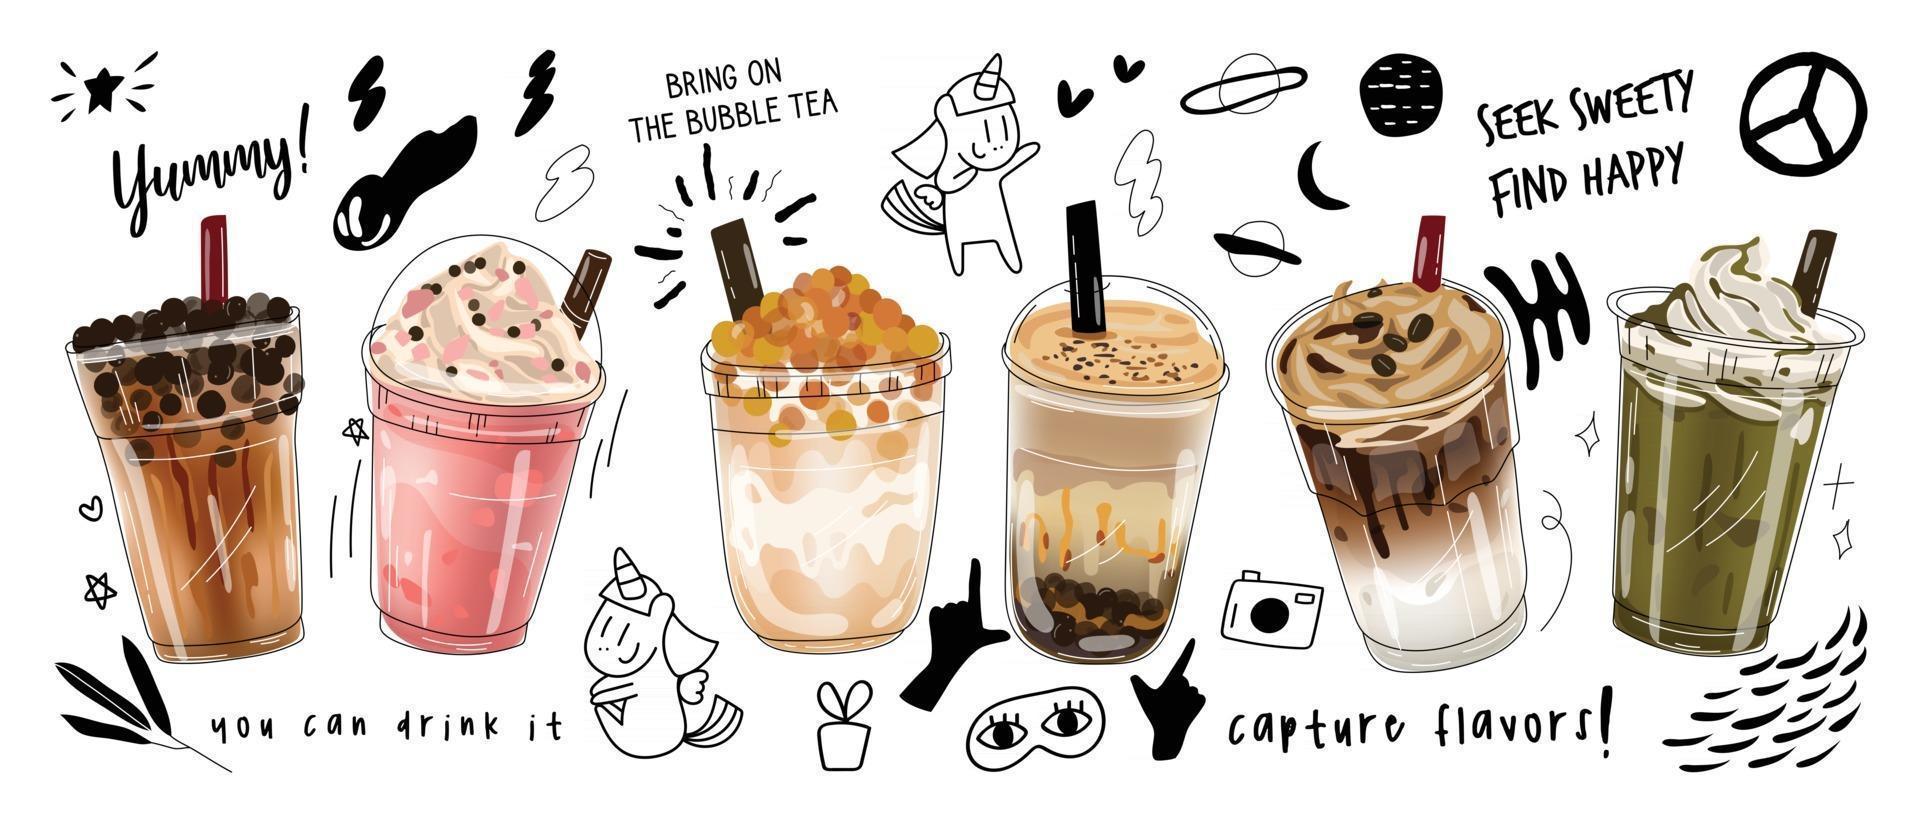 diseño de promociones especiales de bubble milk tea, boba milk tea, pearl milk tea, deliciosas bebidas, cafés y refrescos con logo y un lindo y divertido banner publicitario estilo doodle. ilustración vectorial. vector